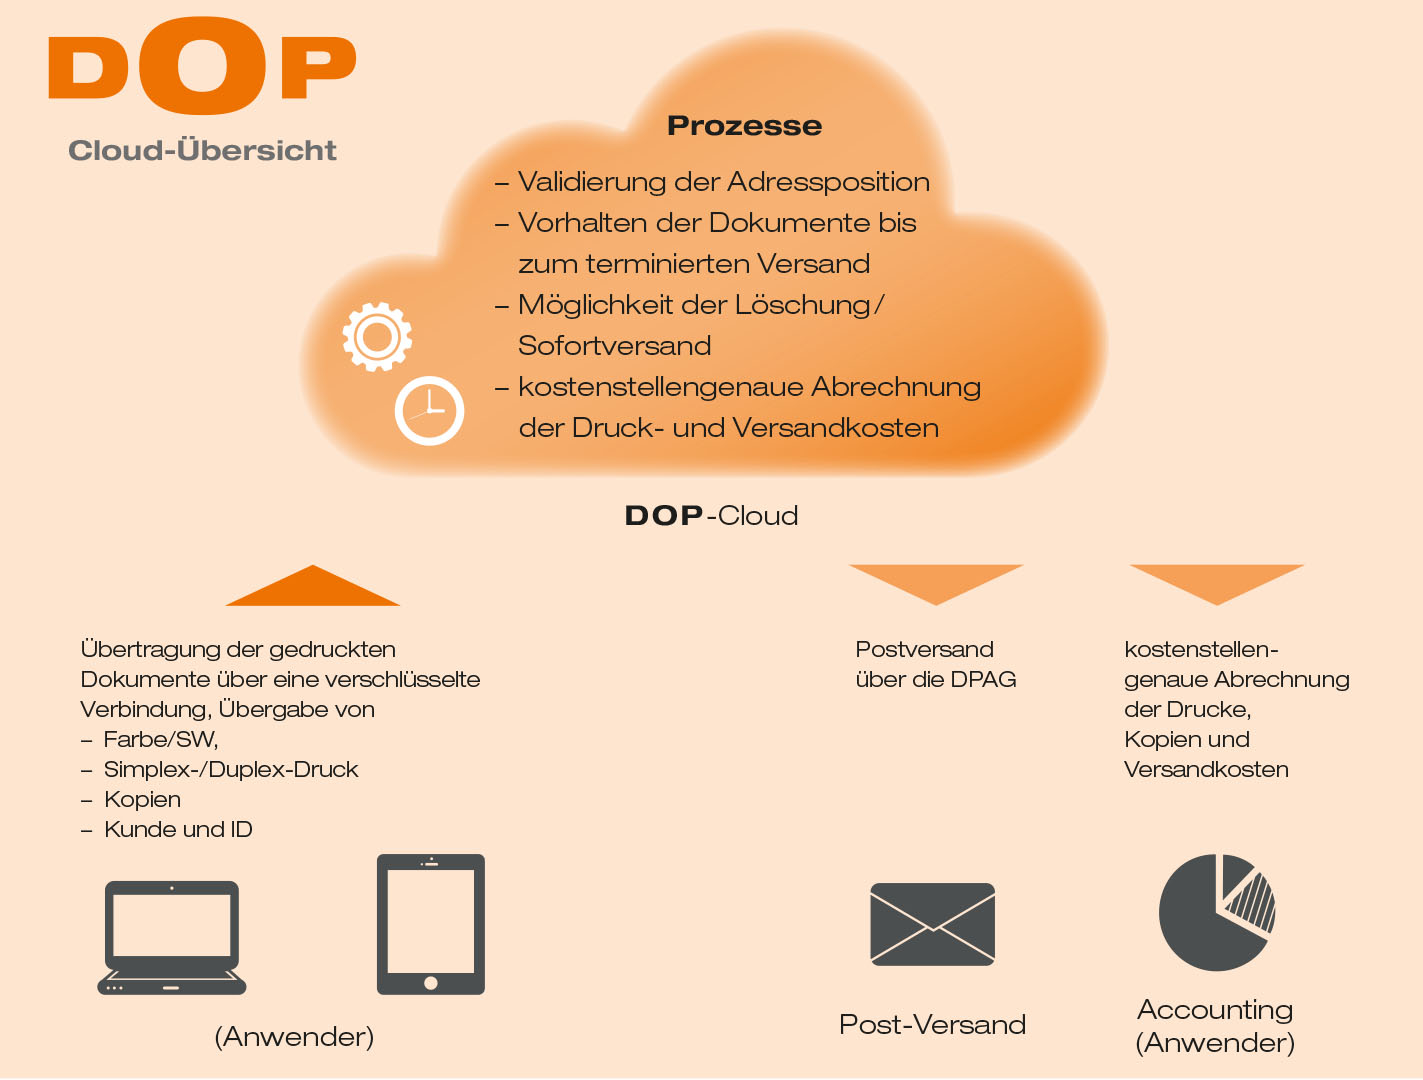 DOP-Schema für den digitalen Postversand - Cloud-Variante